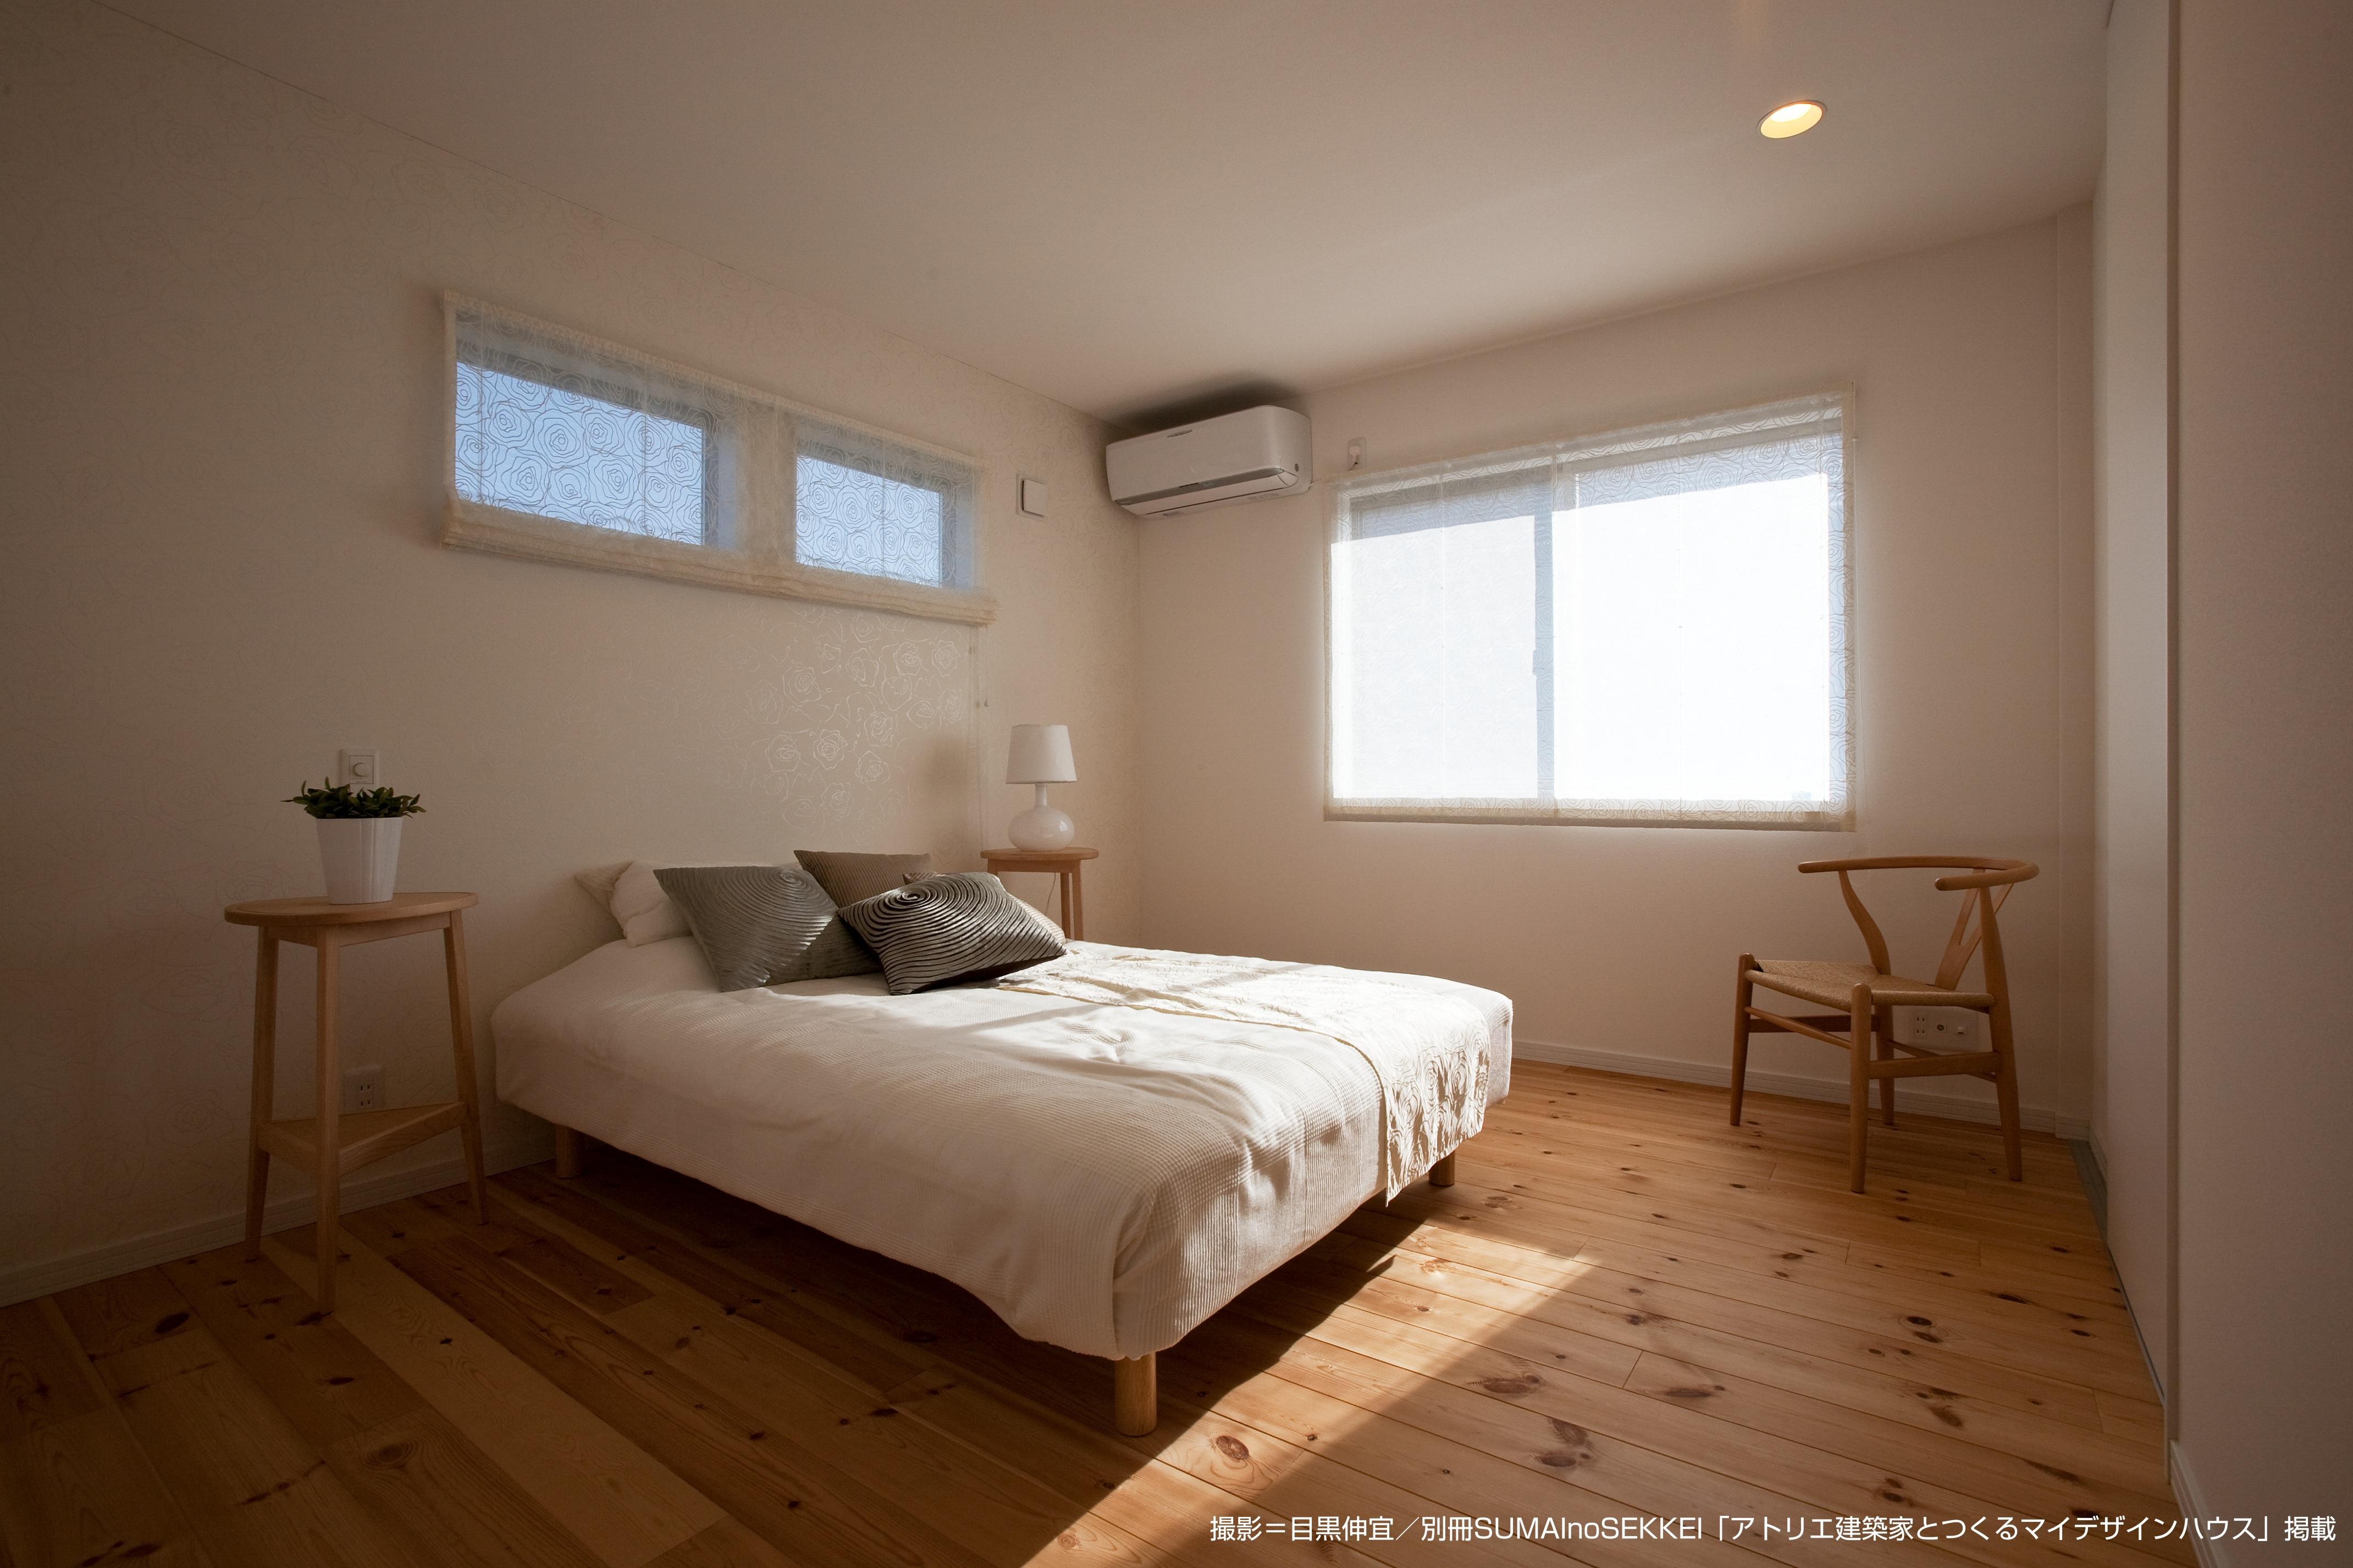 1S12_room